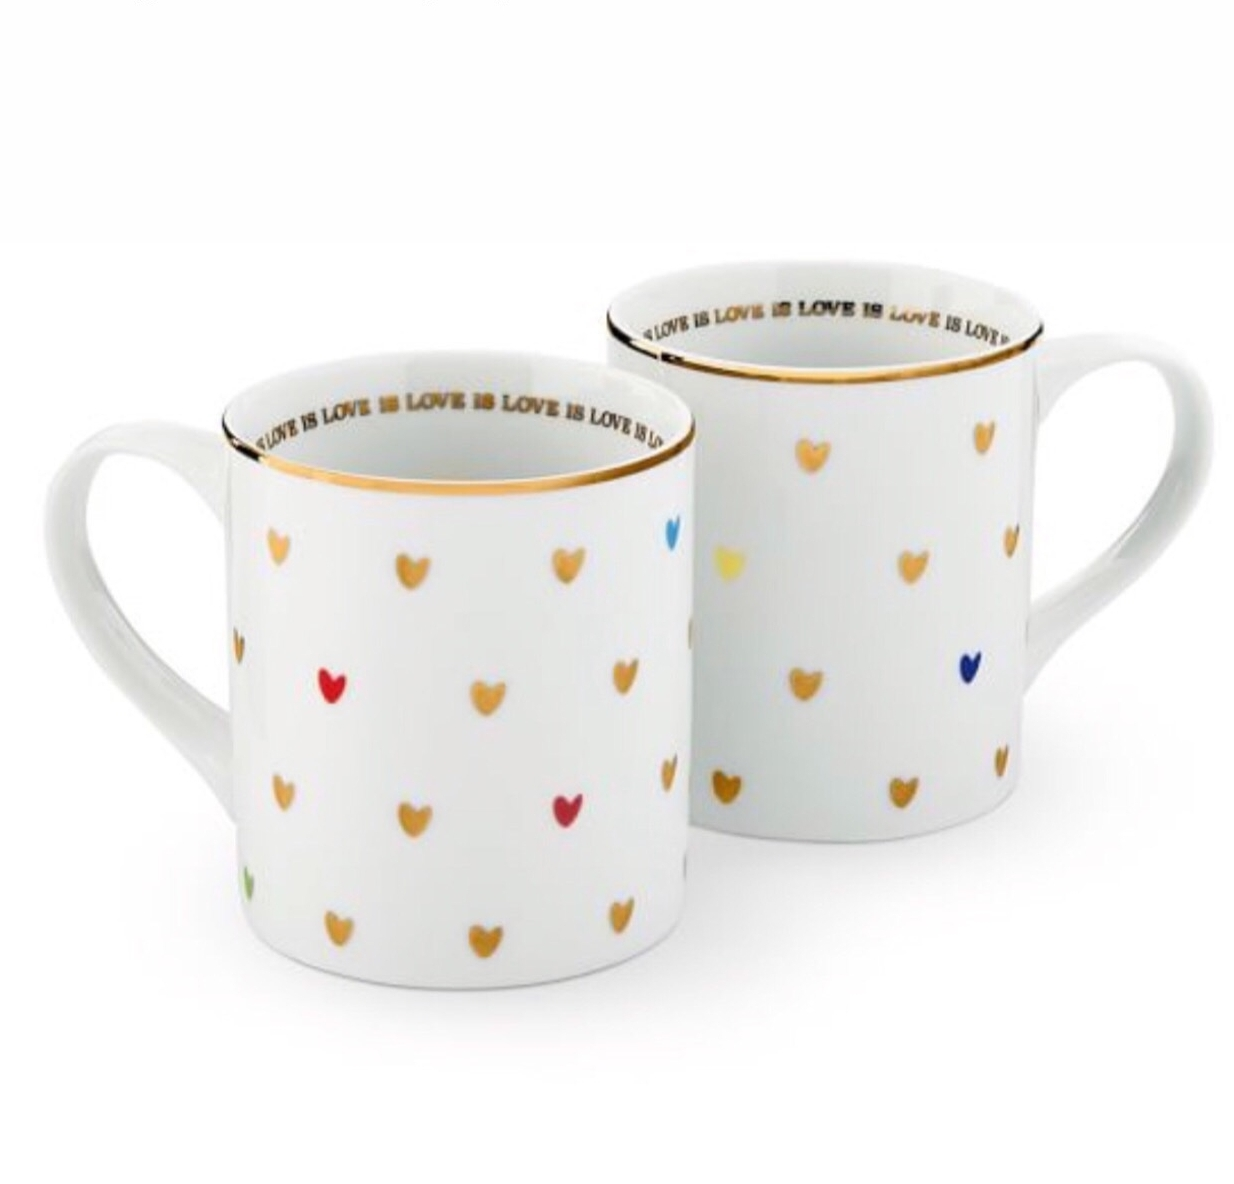 LoveIsLove Mugs.JPG